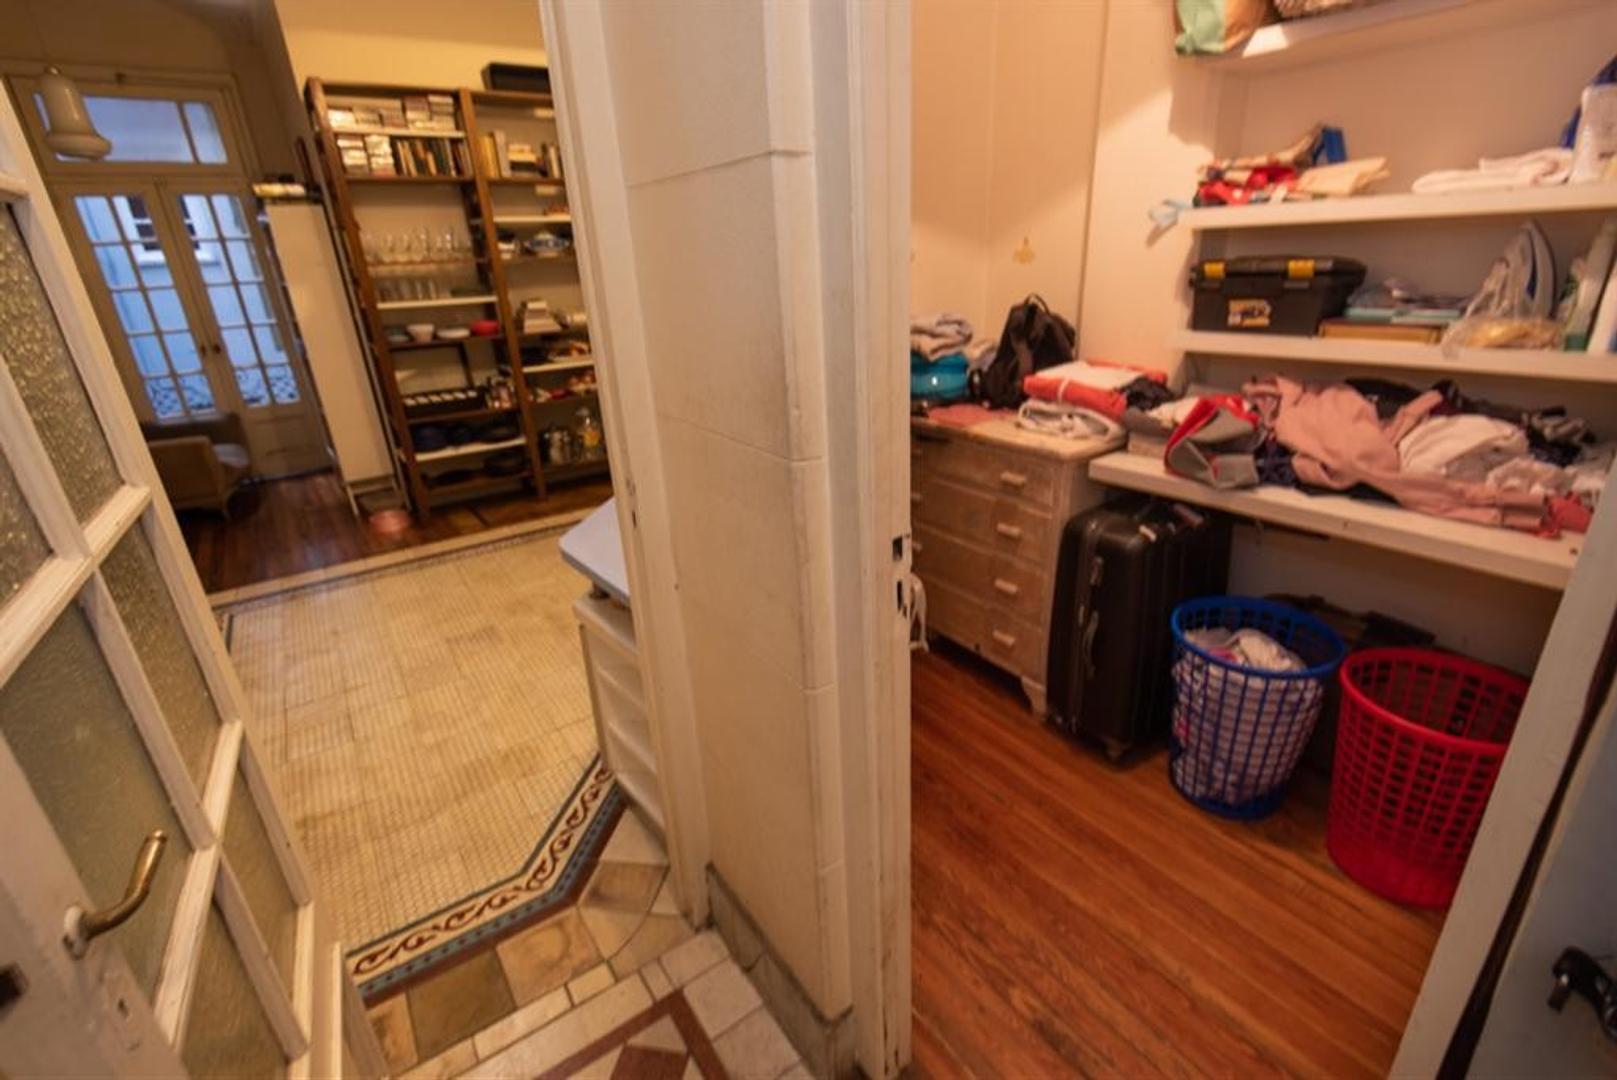 Muy buen departamento antiguo, reciclado, en esquina. Luminoso, excelentes detalles - Foto 31